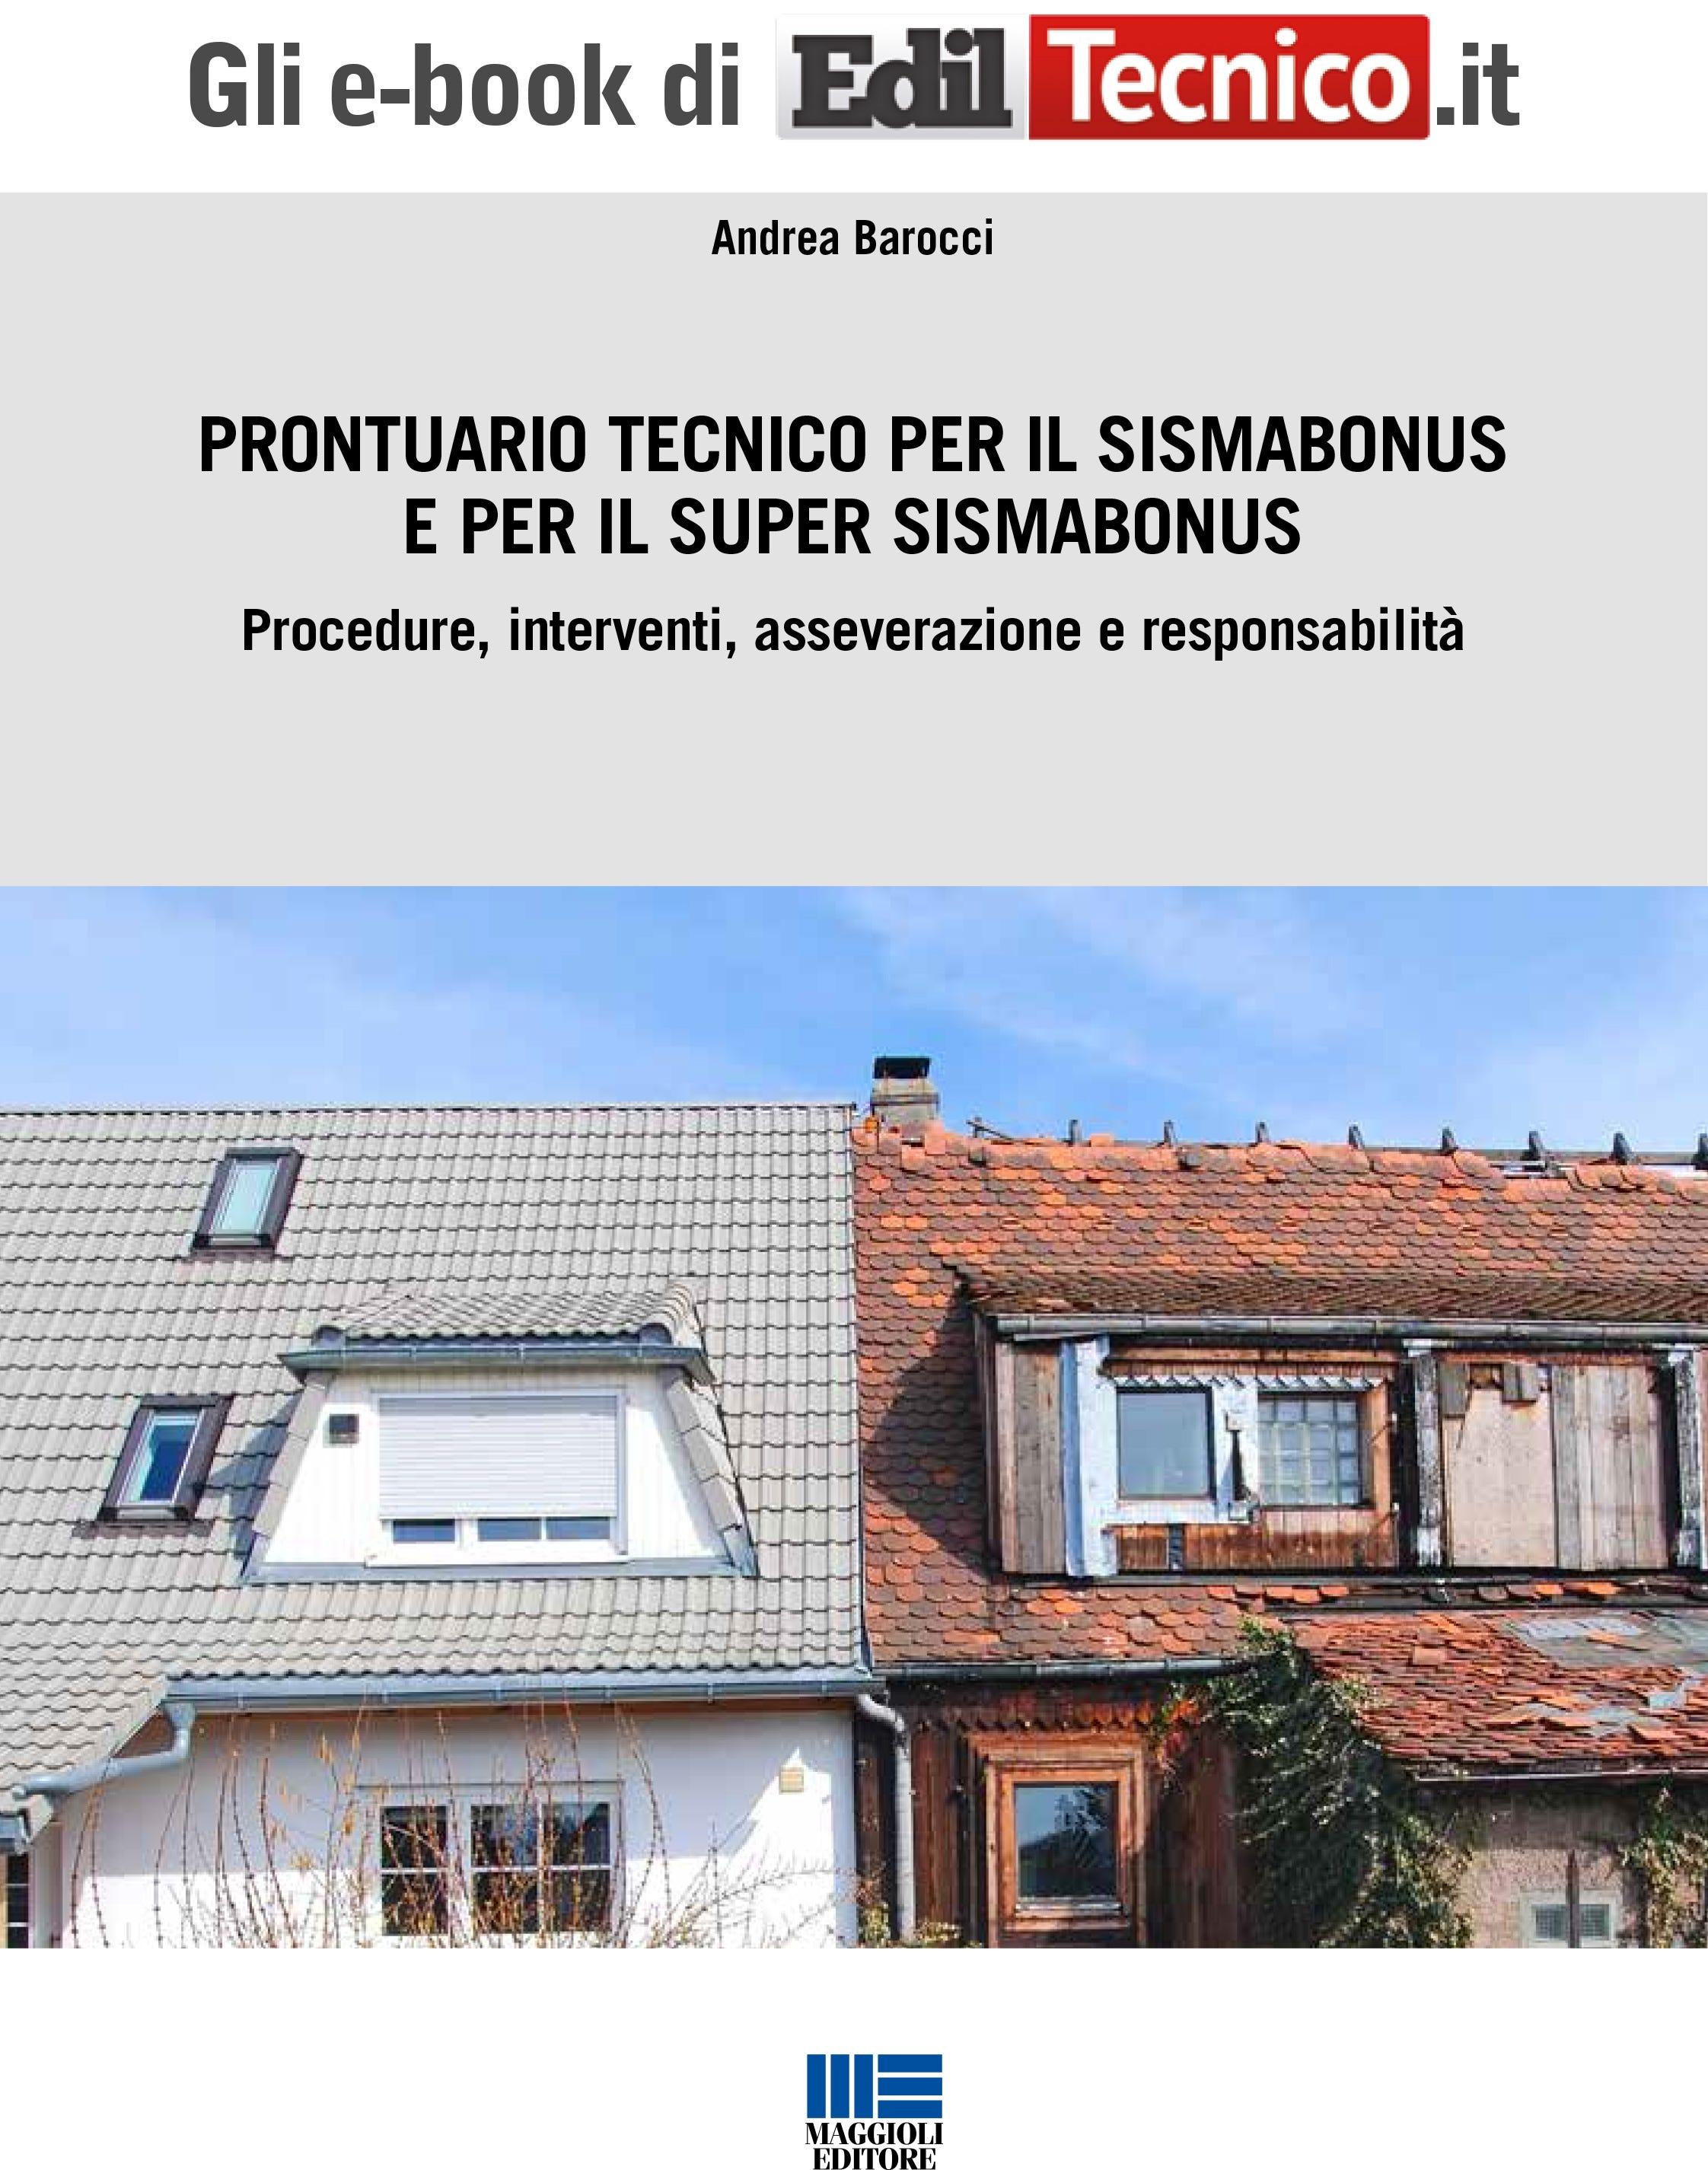 Prontuario tecnico per il Sismabonus e per il Super Sismabonus - e-Book in pdf